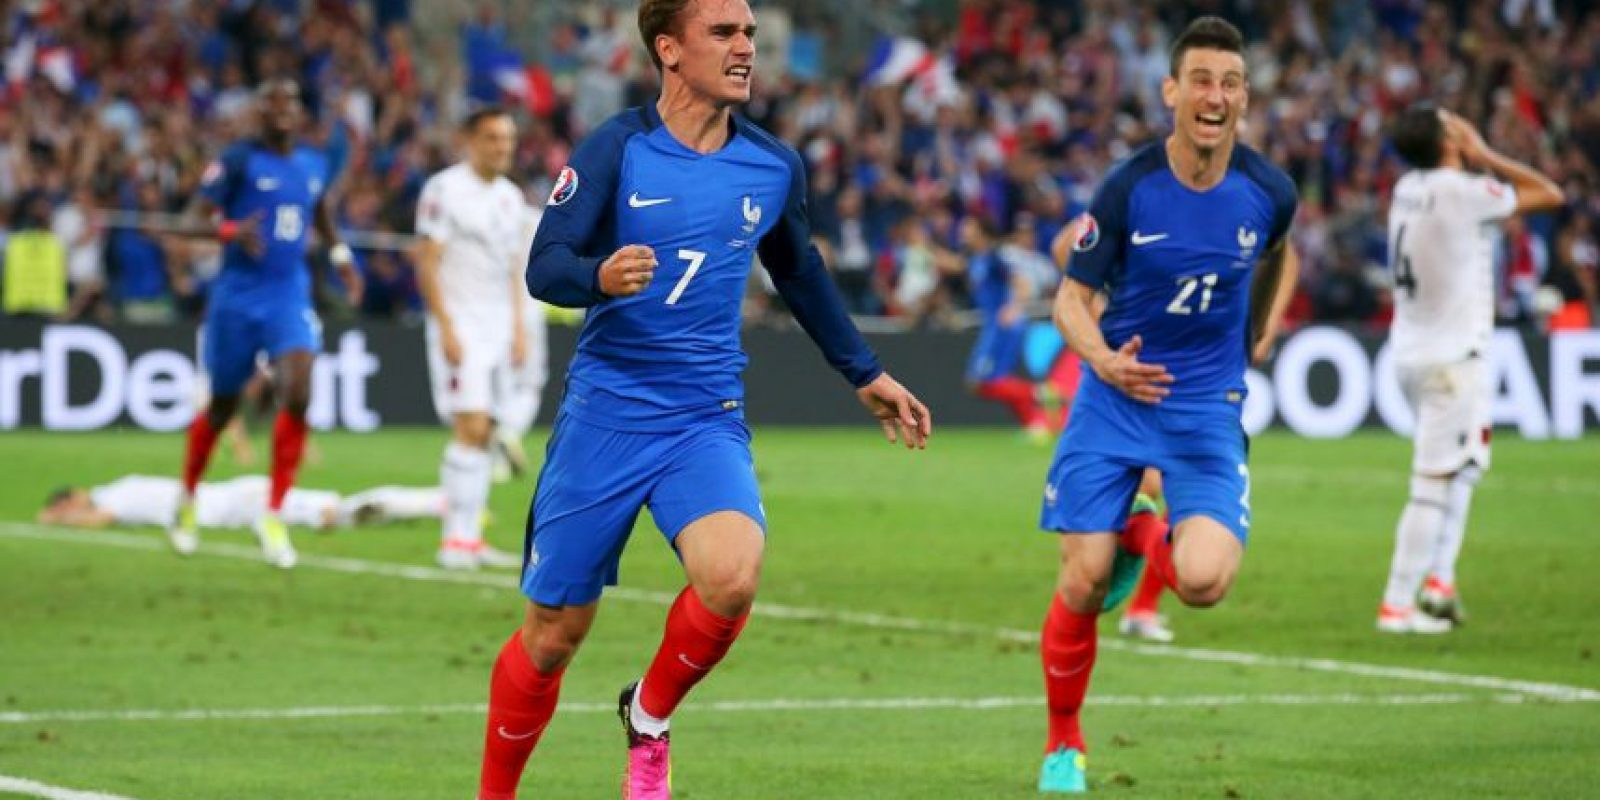 Francia aprovechó la localía y ganó el Grupo A de la Eurocopa Foto:Getty Images